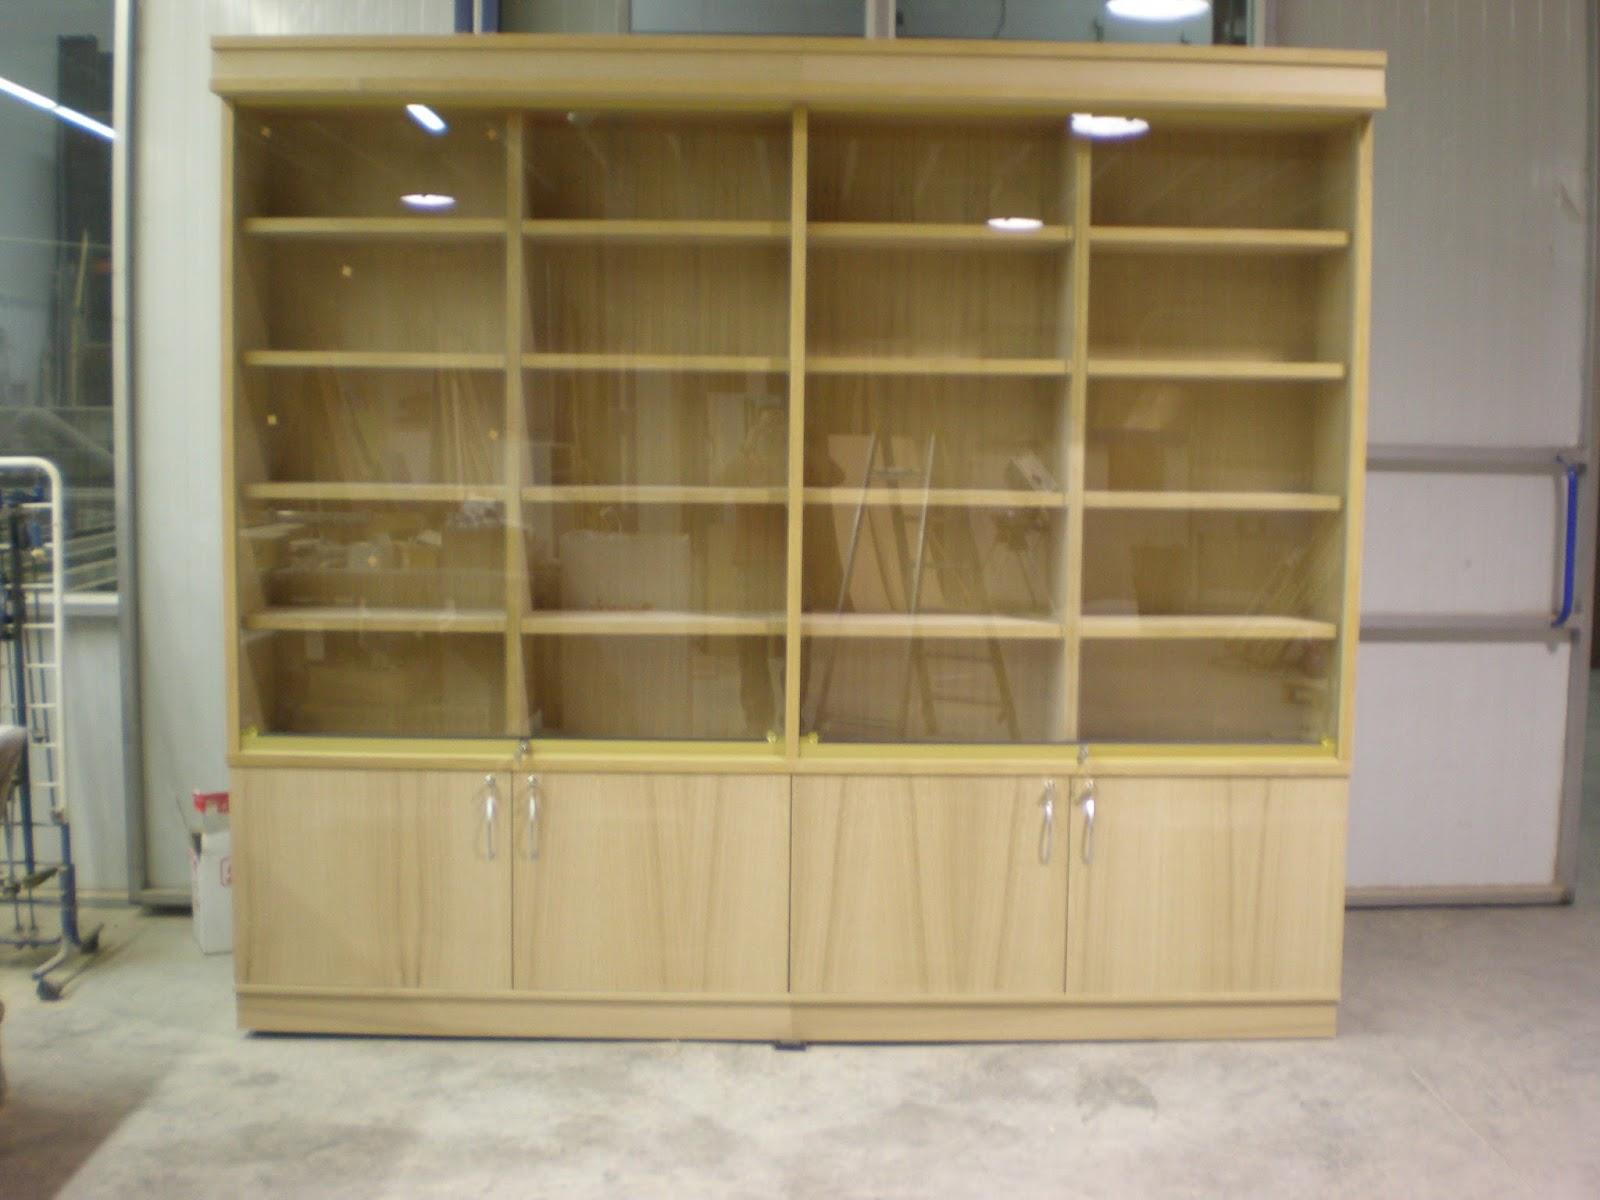 Fabricaci n de muebles a medida carpintero granada web for Software fabricacion de muebles